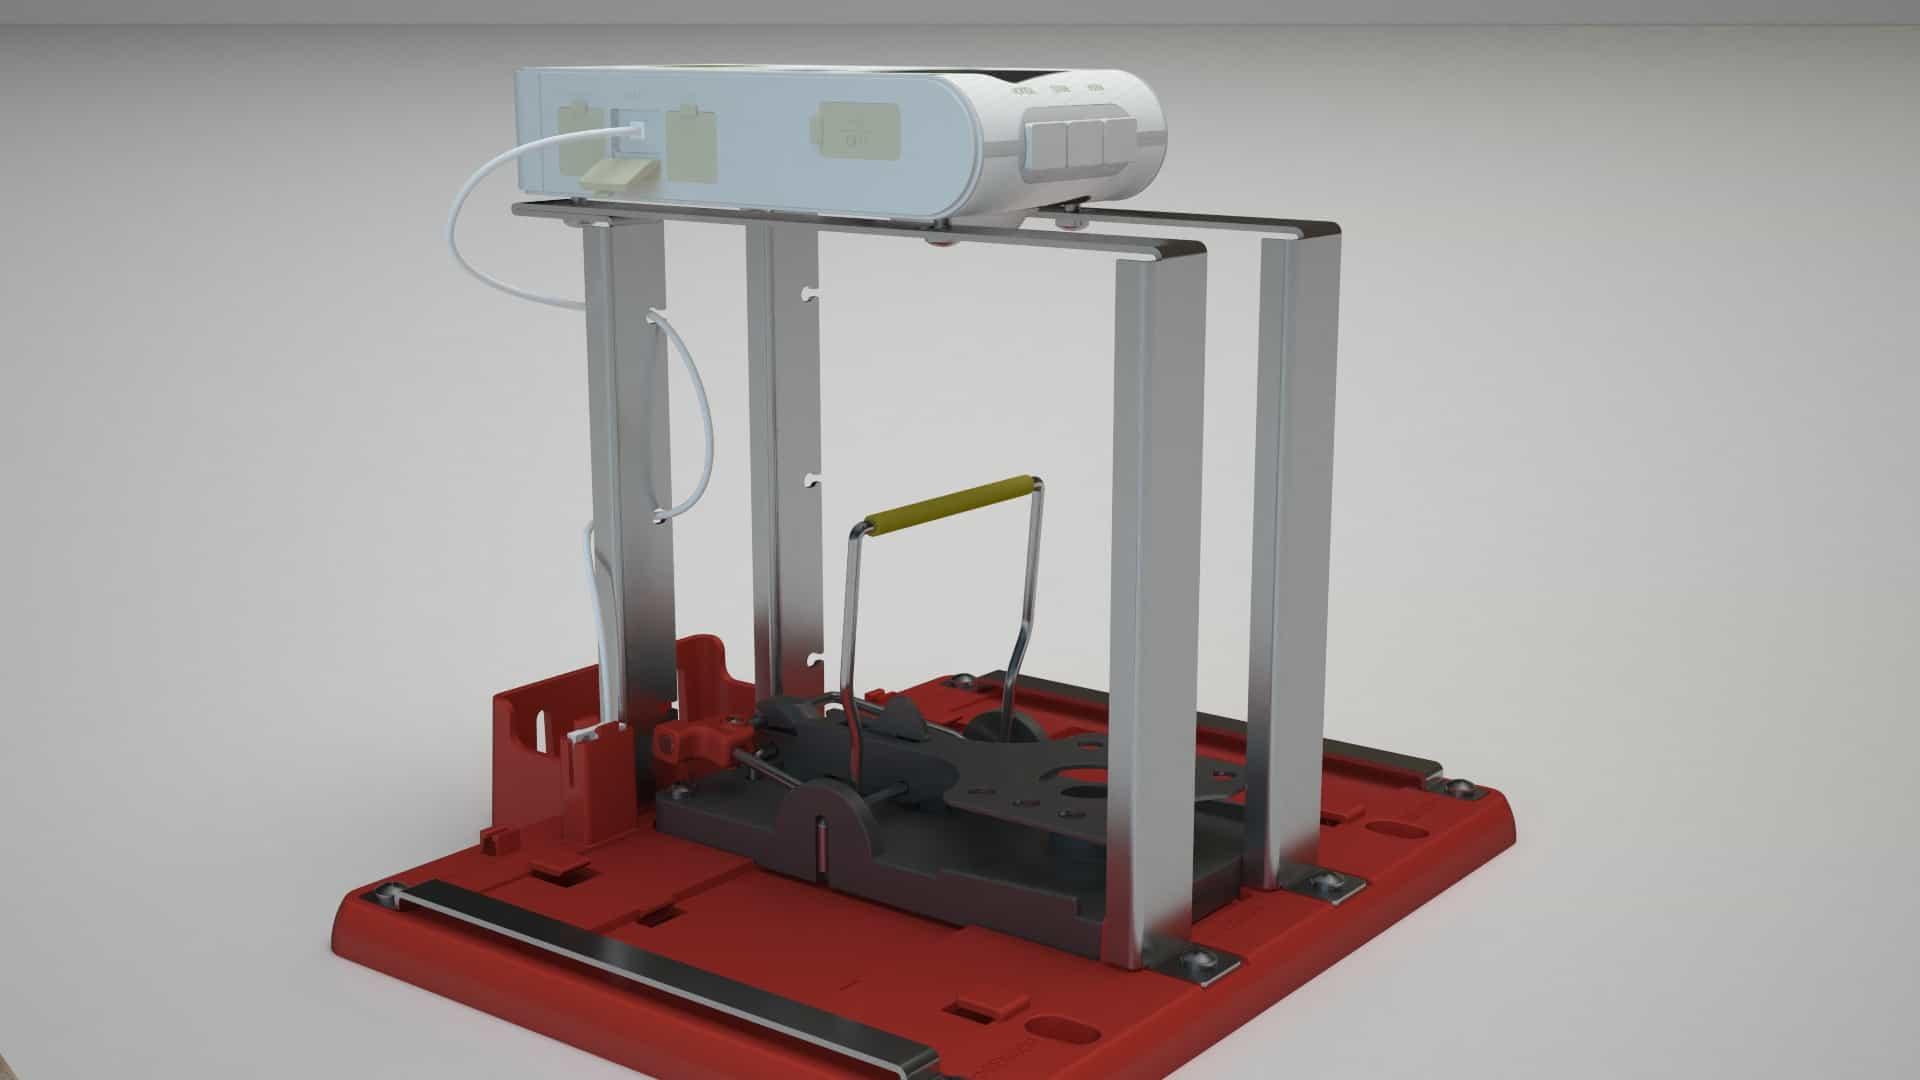 סרטון הדמיית מוצר מלכודת חכמה Square Eye- בטכנולוגיית Rigging - עבור IPM Square